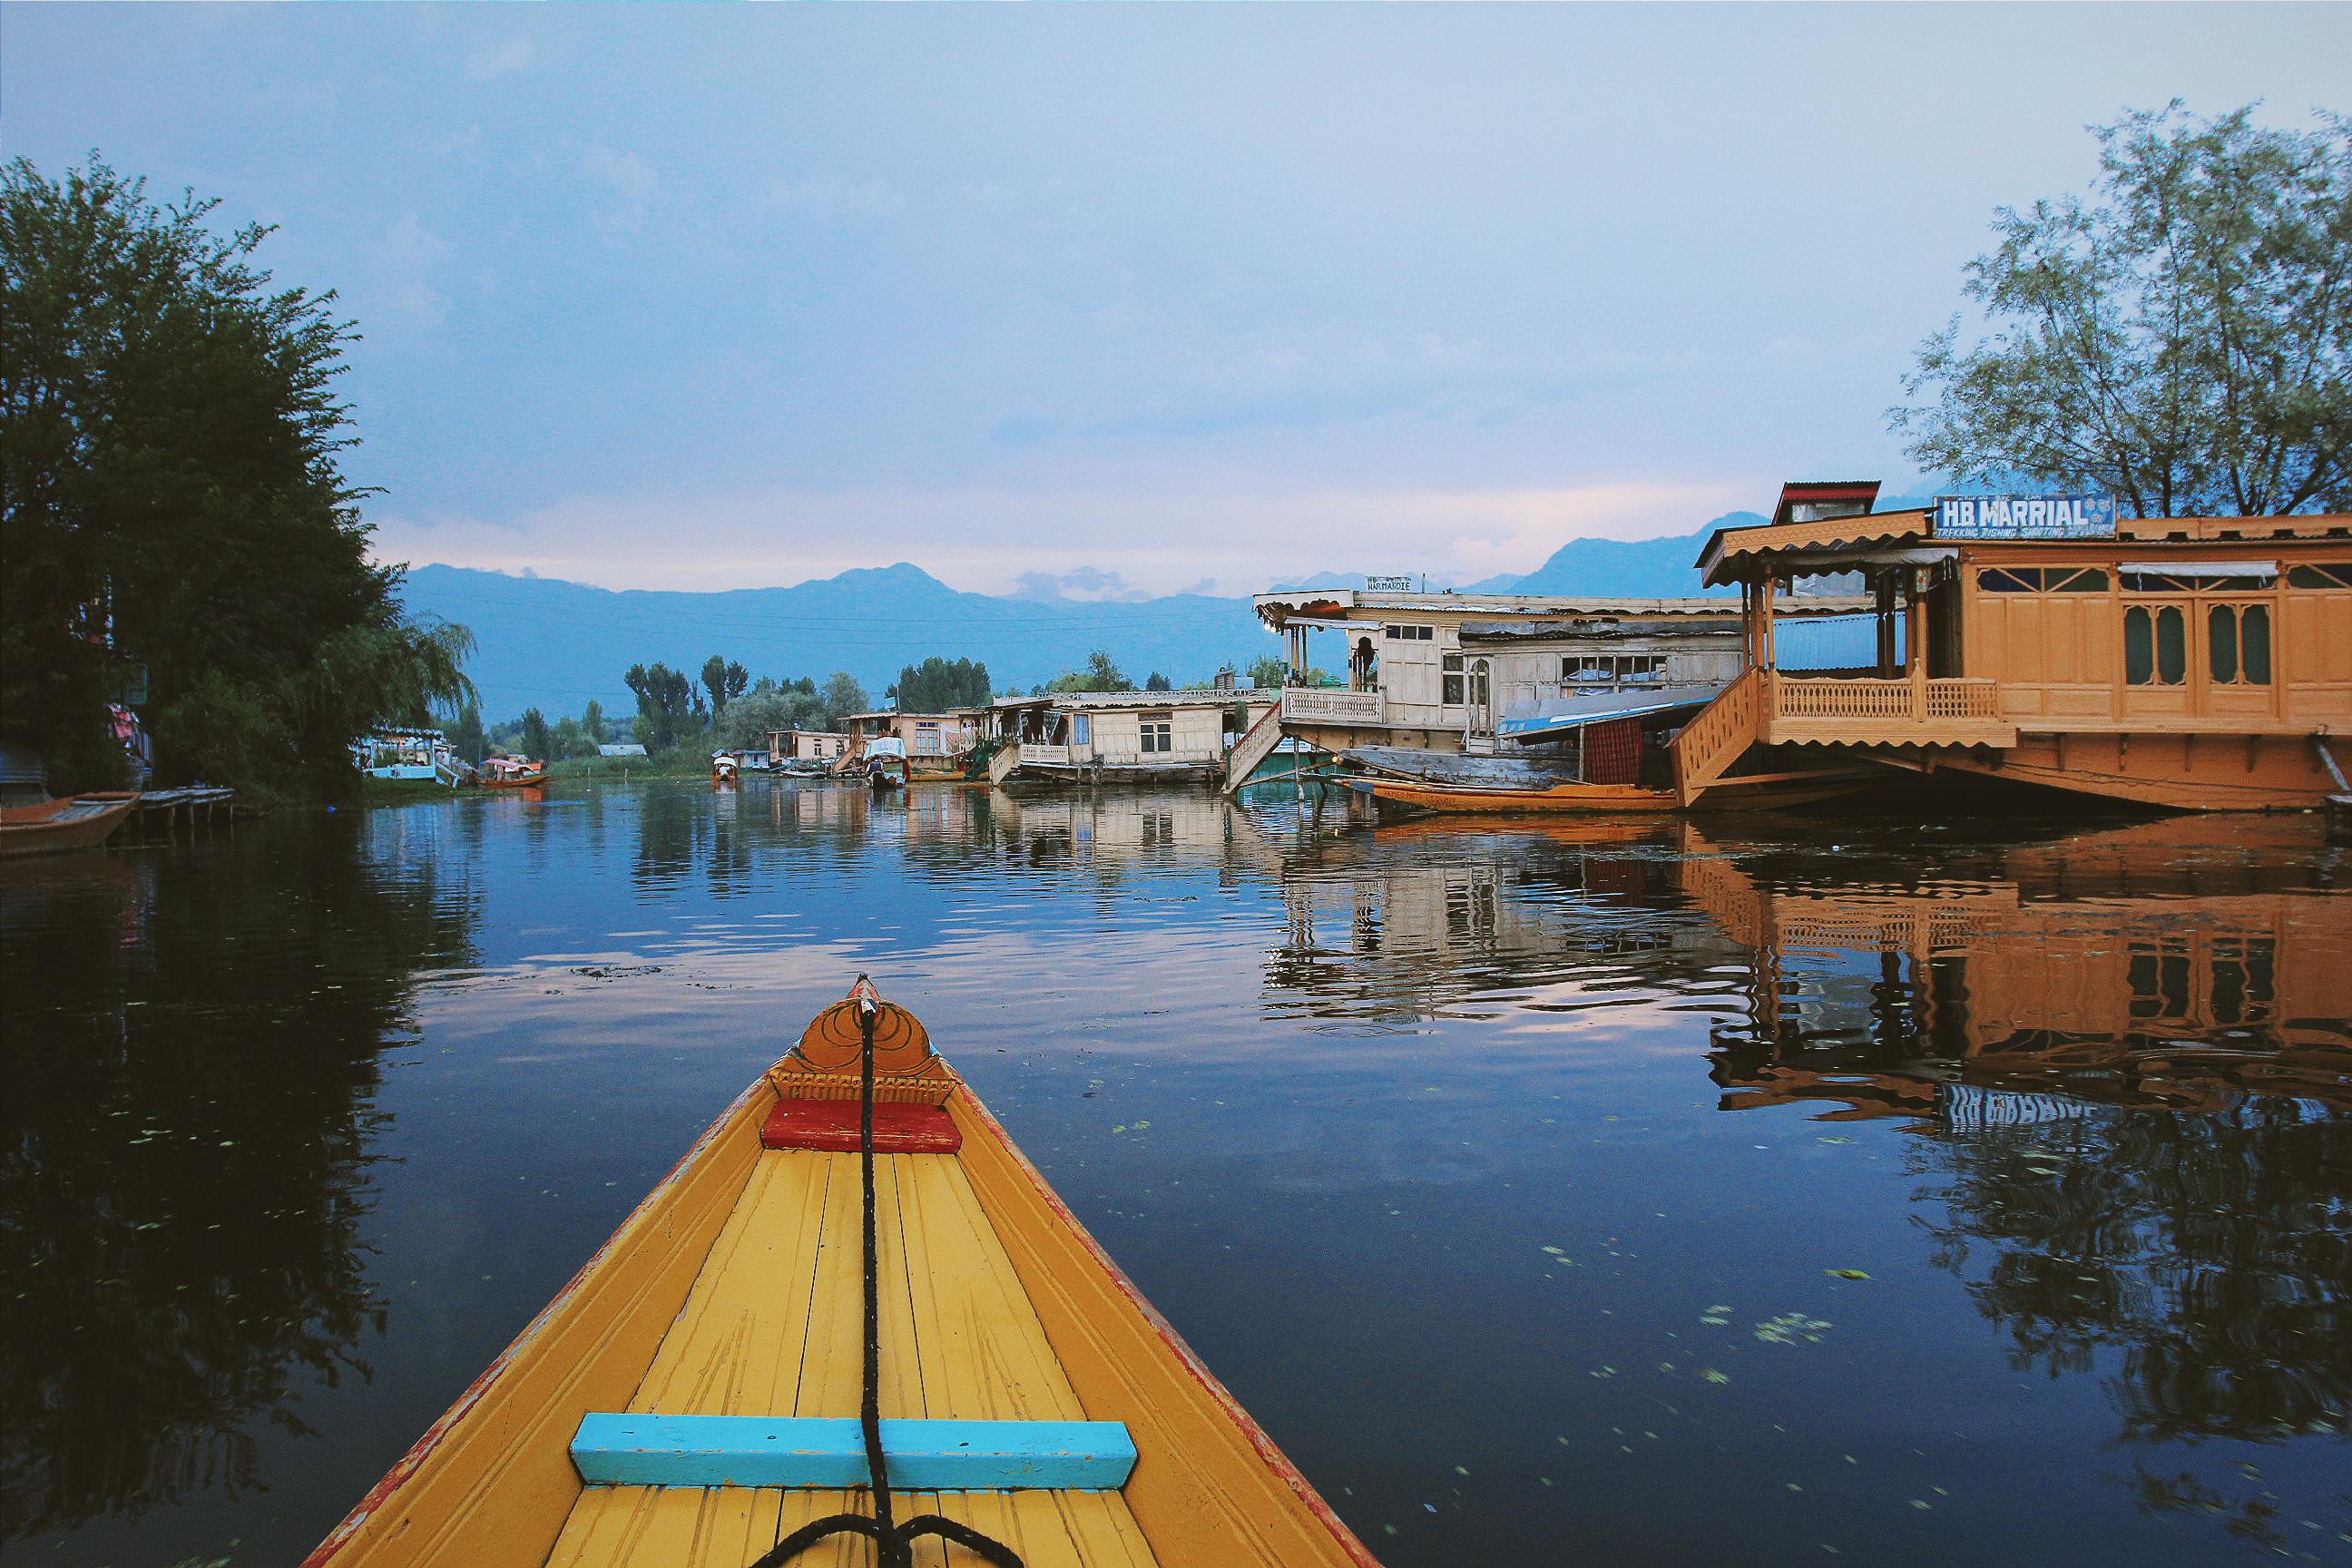 达尔湖是喀什米尔最著名的风景区, 集在湖畔的船屋,更是当地最具特色